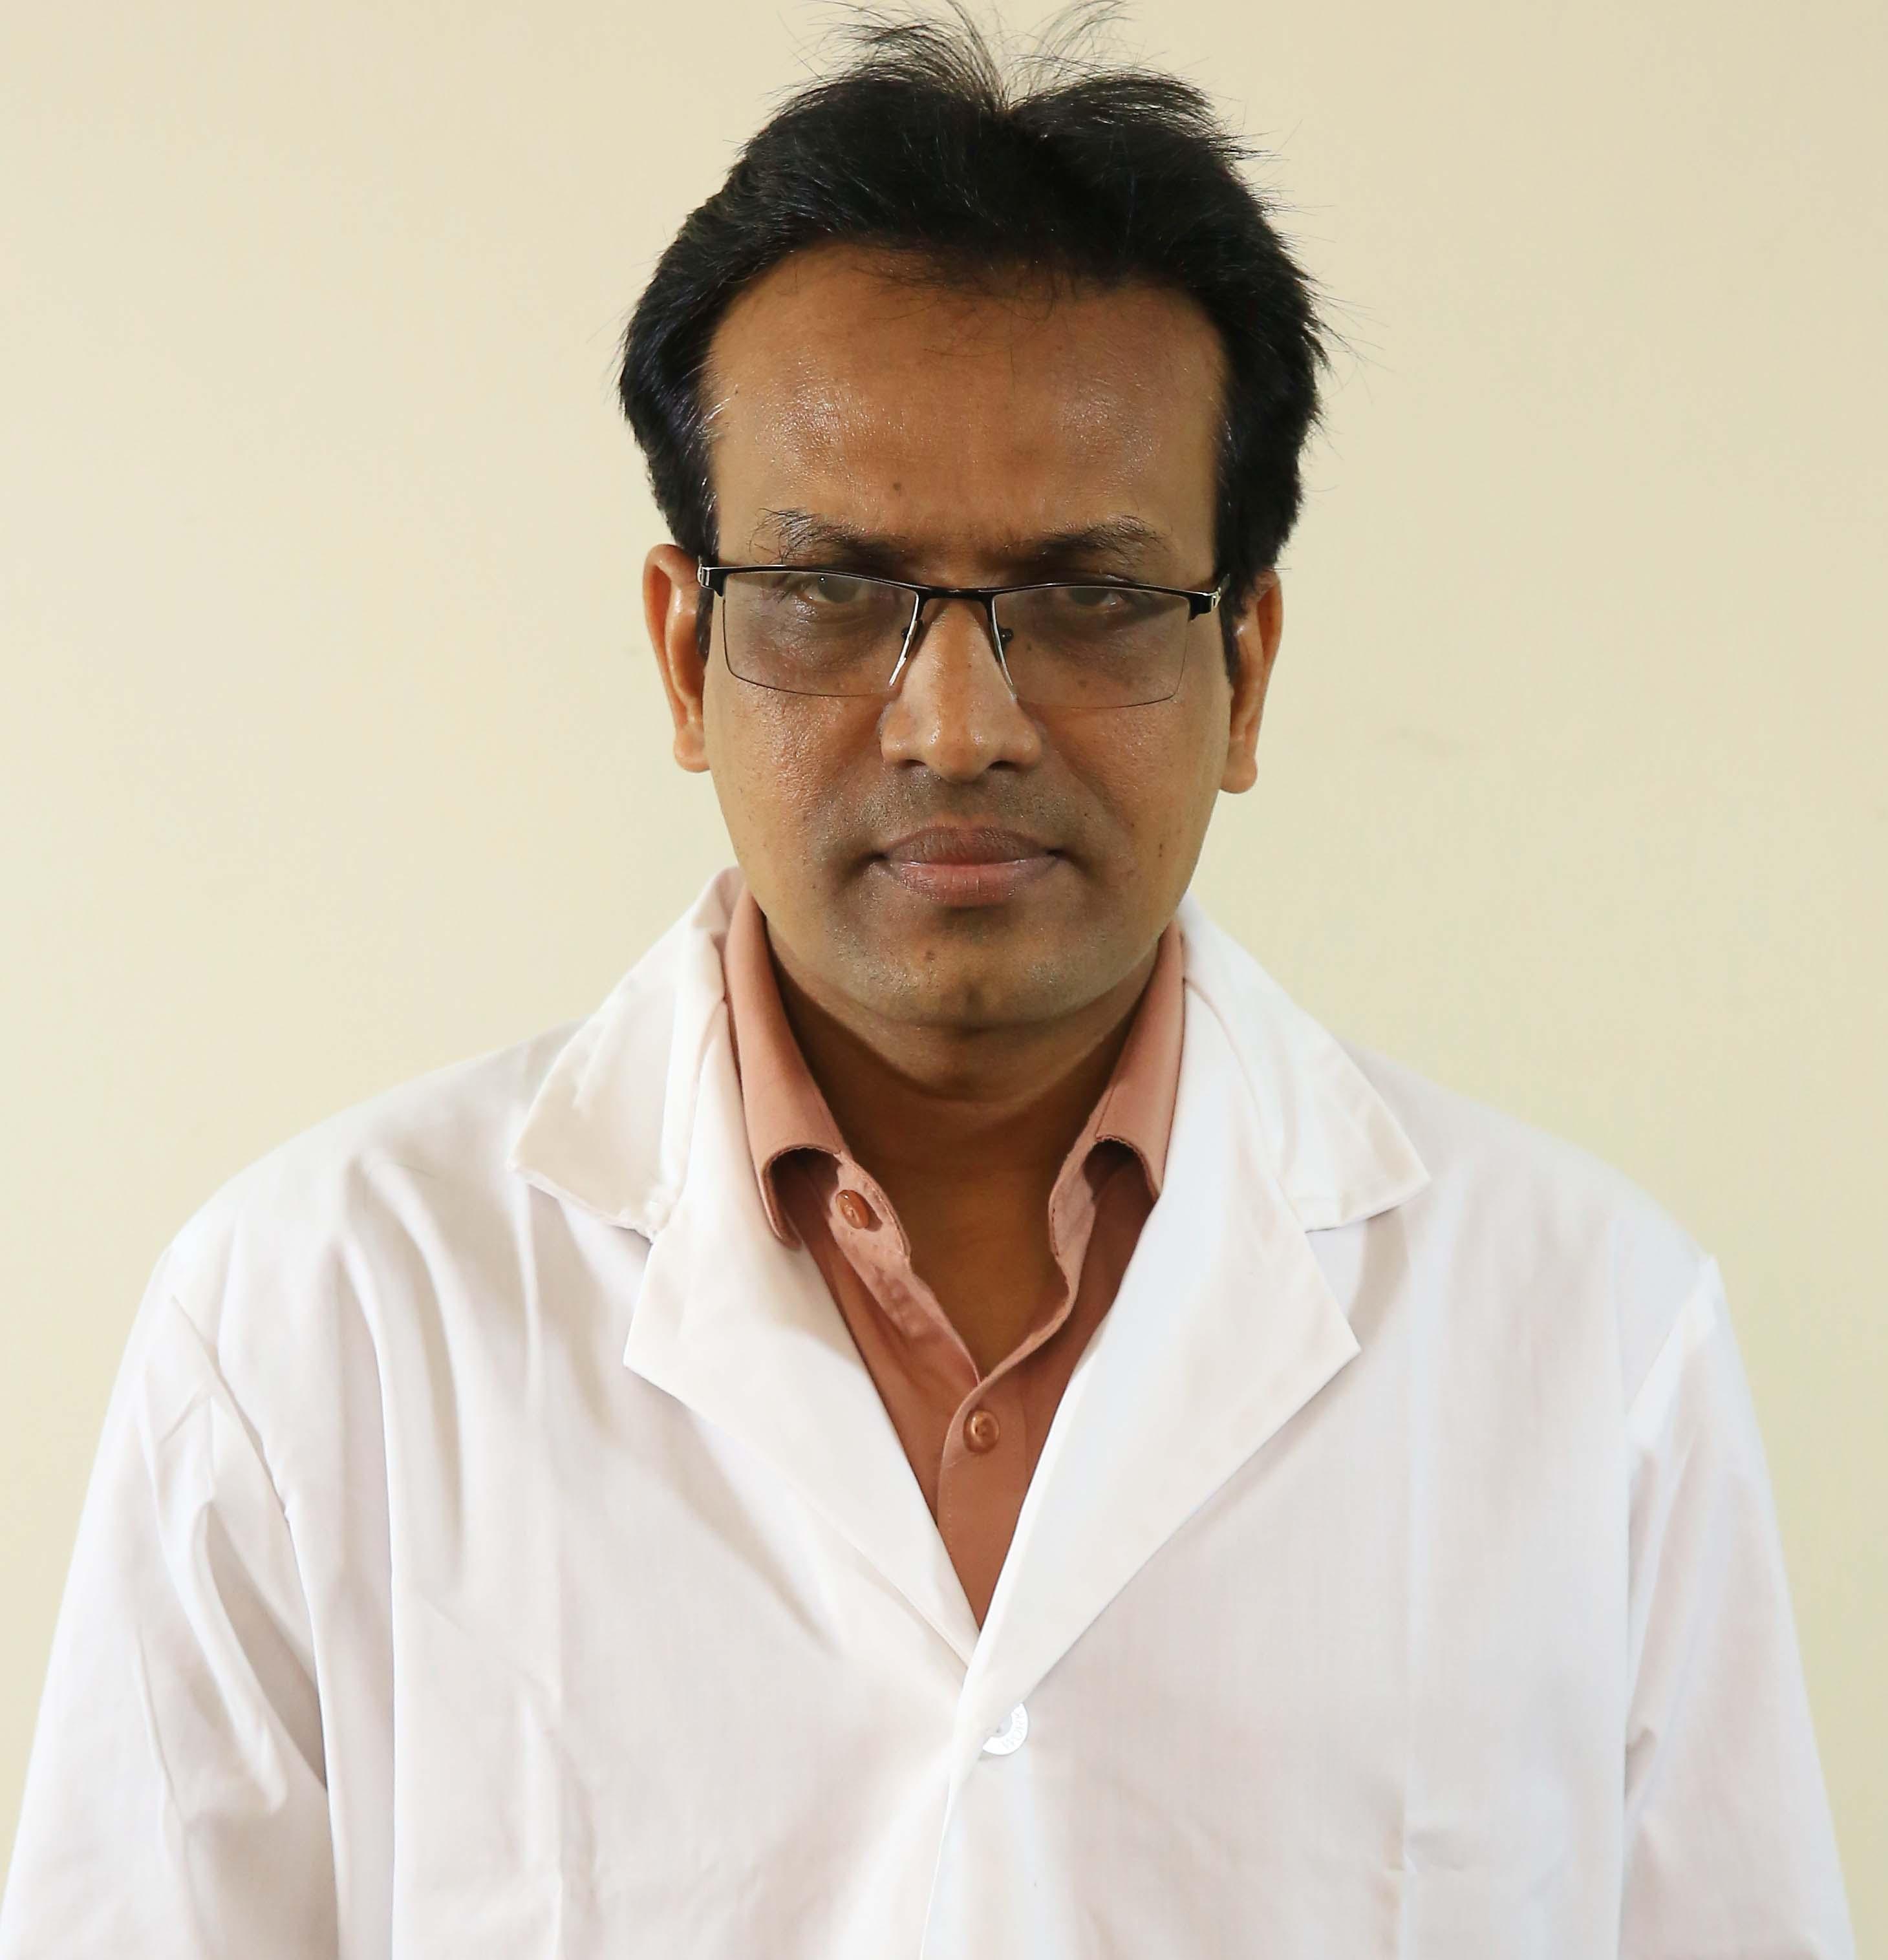 Dr. Md. Johirul Islam